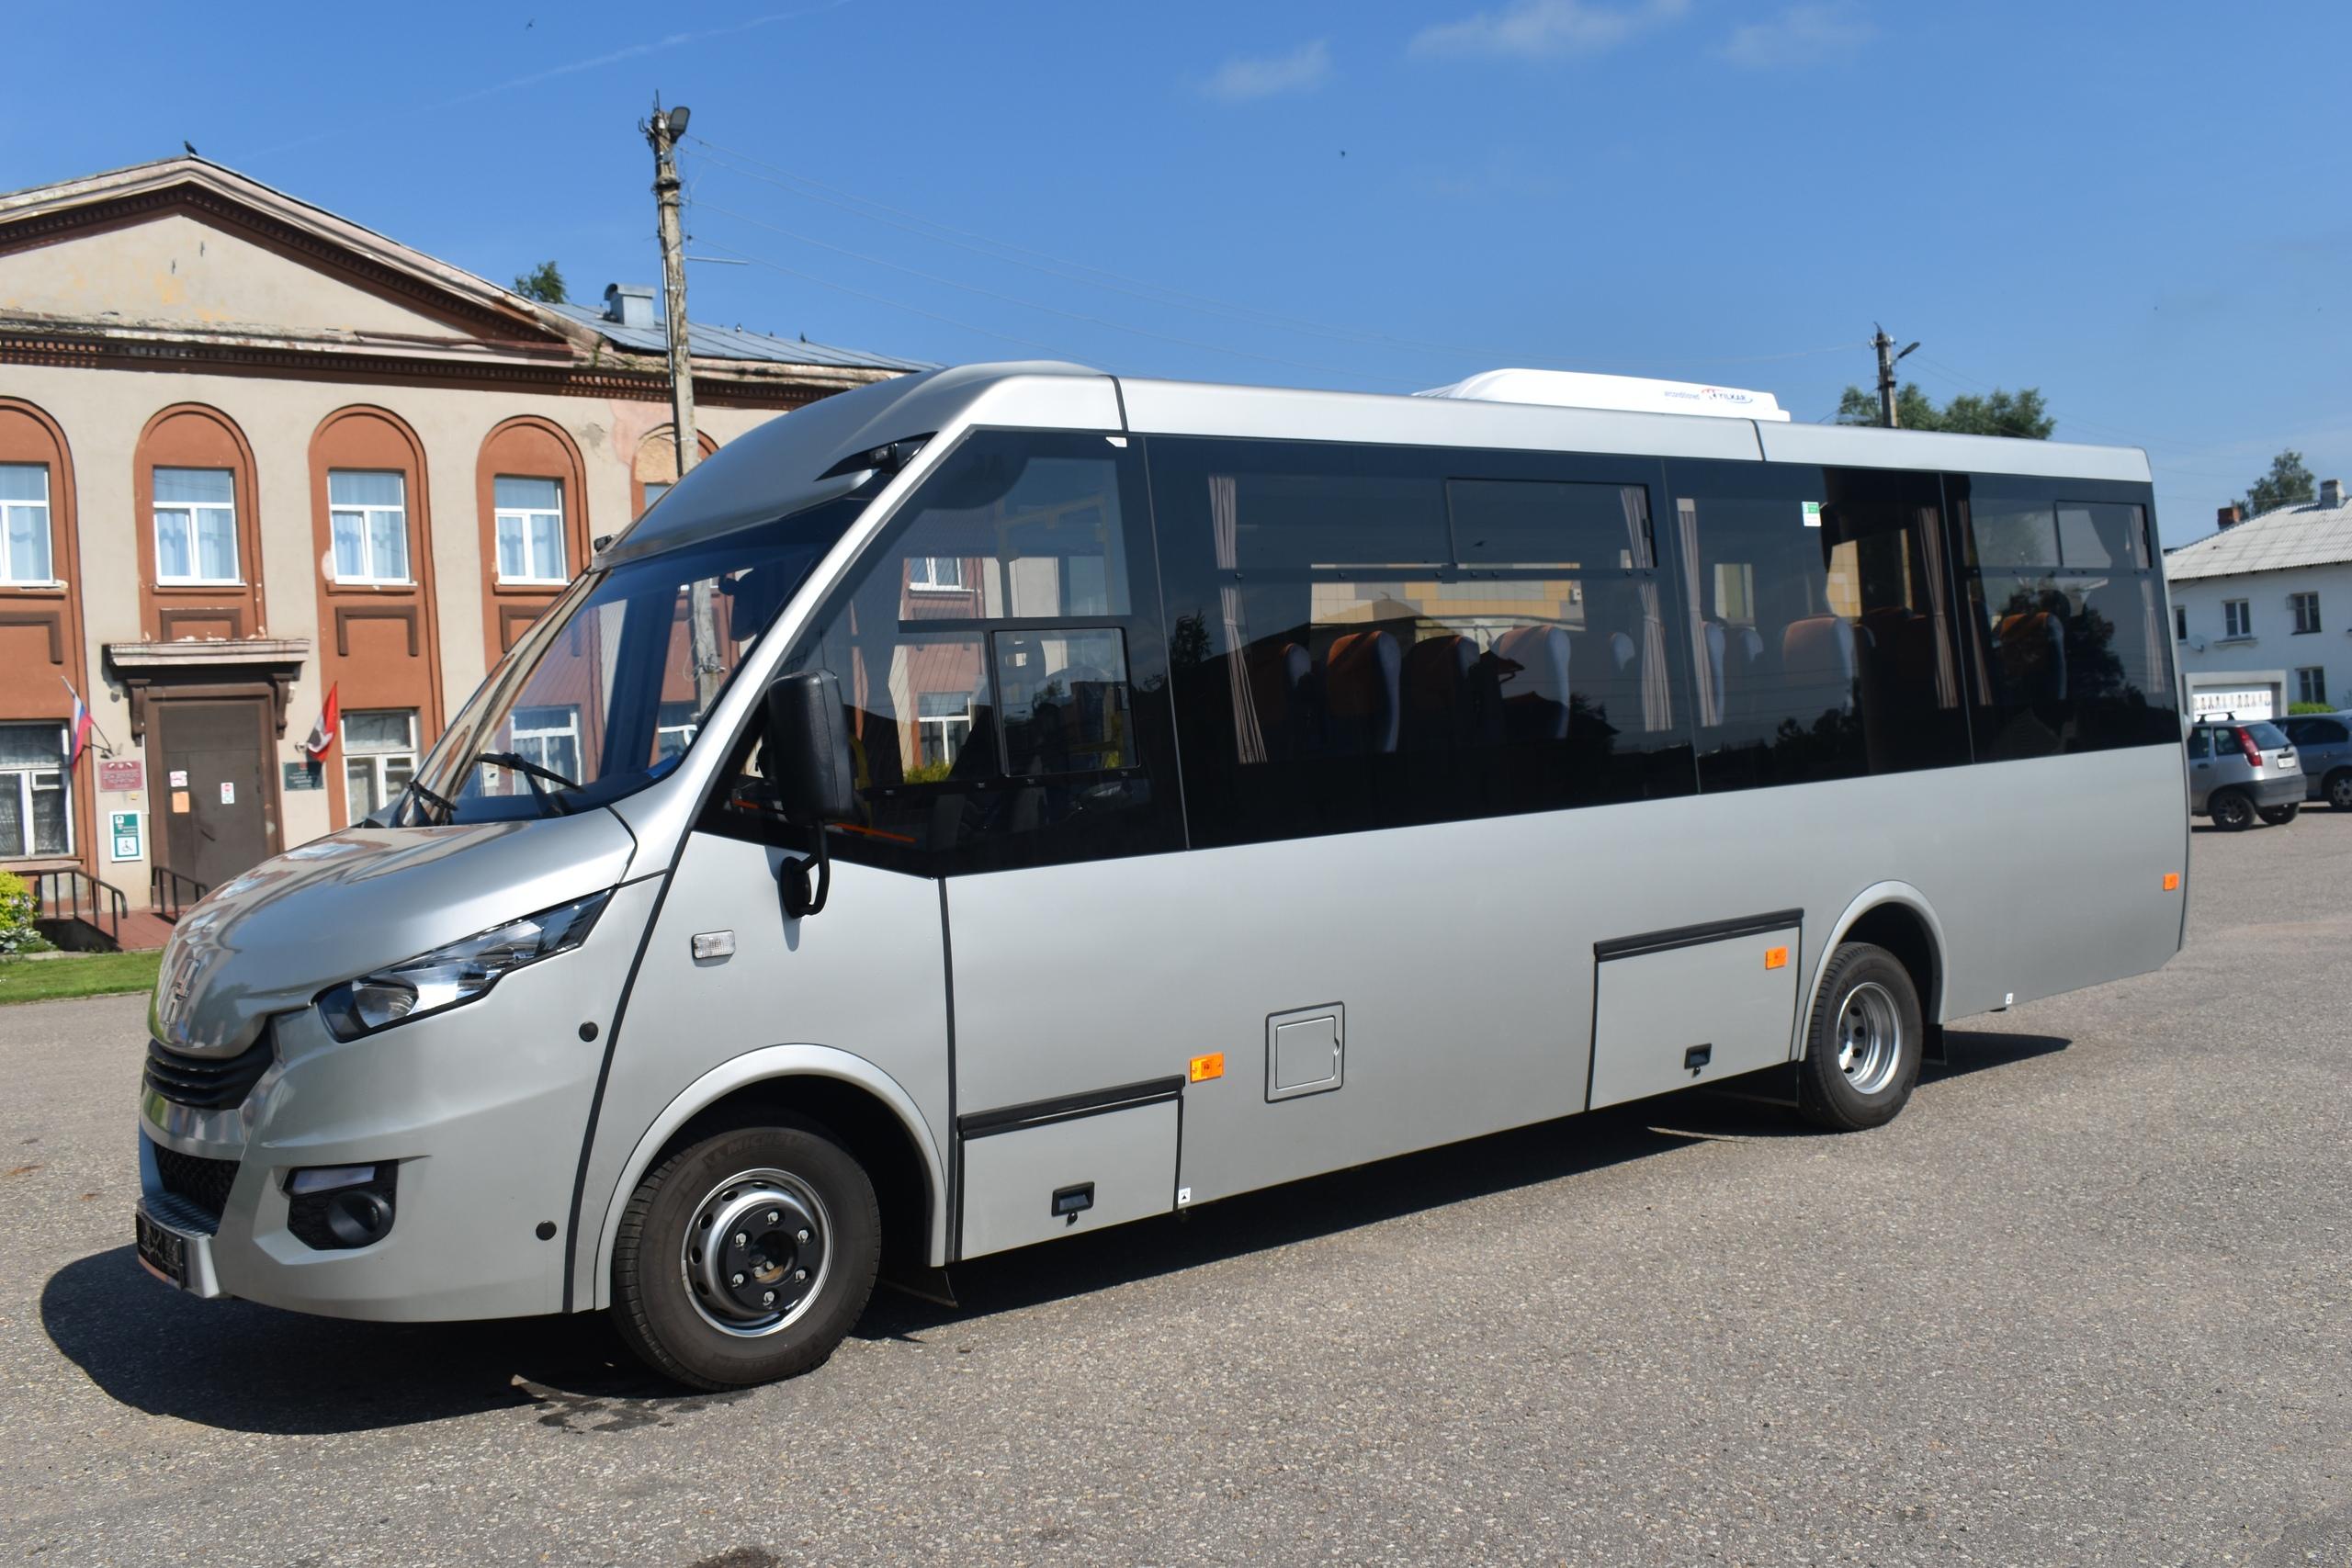 Новый автобус для перевозки пассажиров появился в районе Тверской области